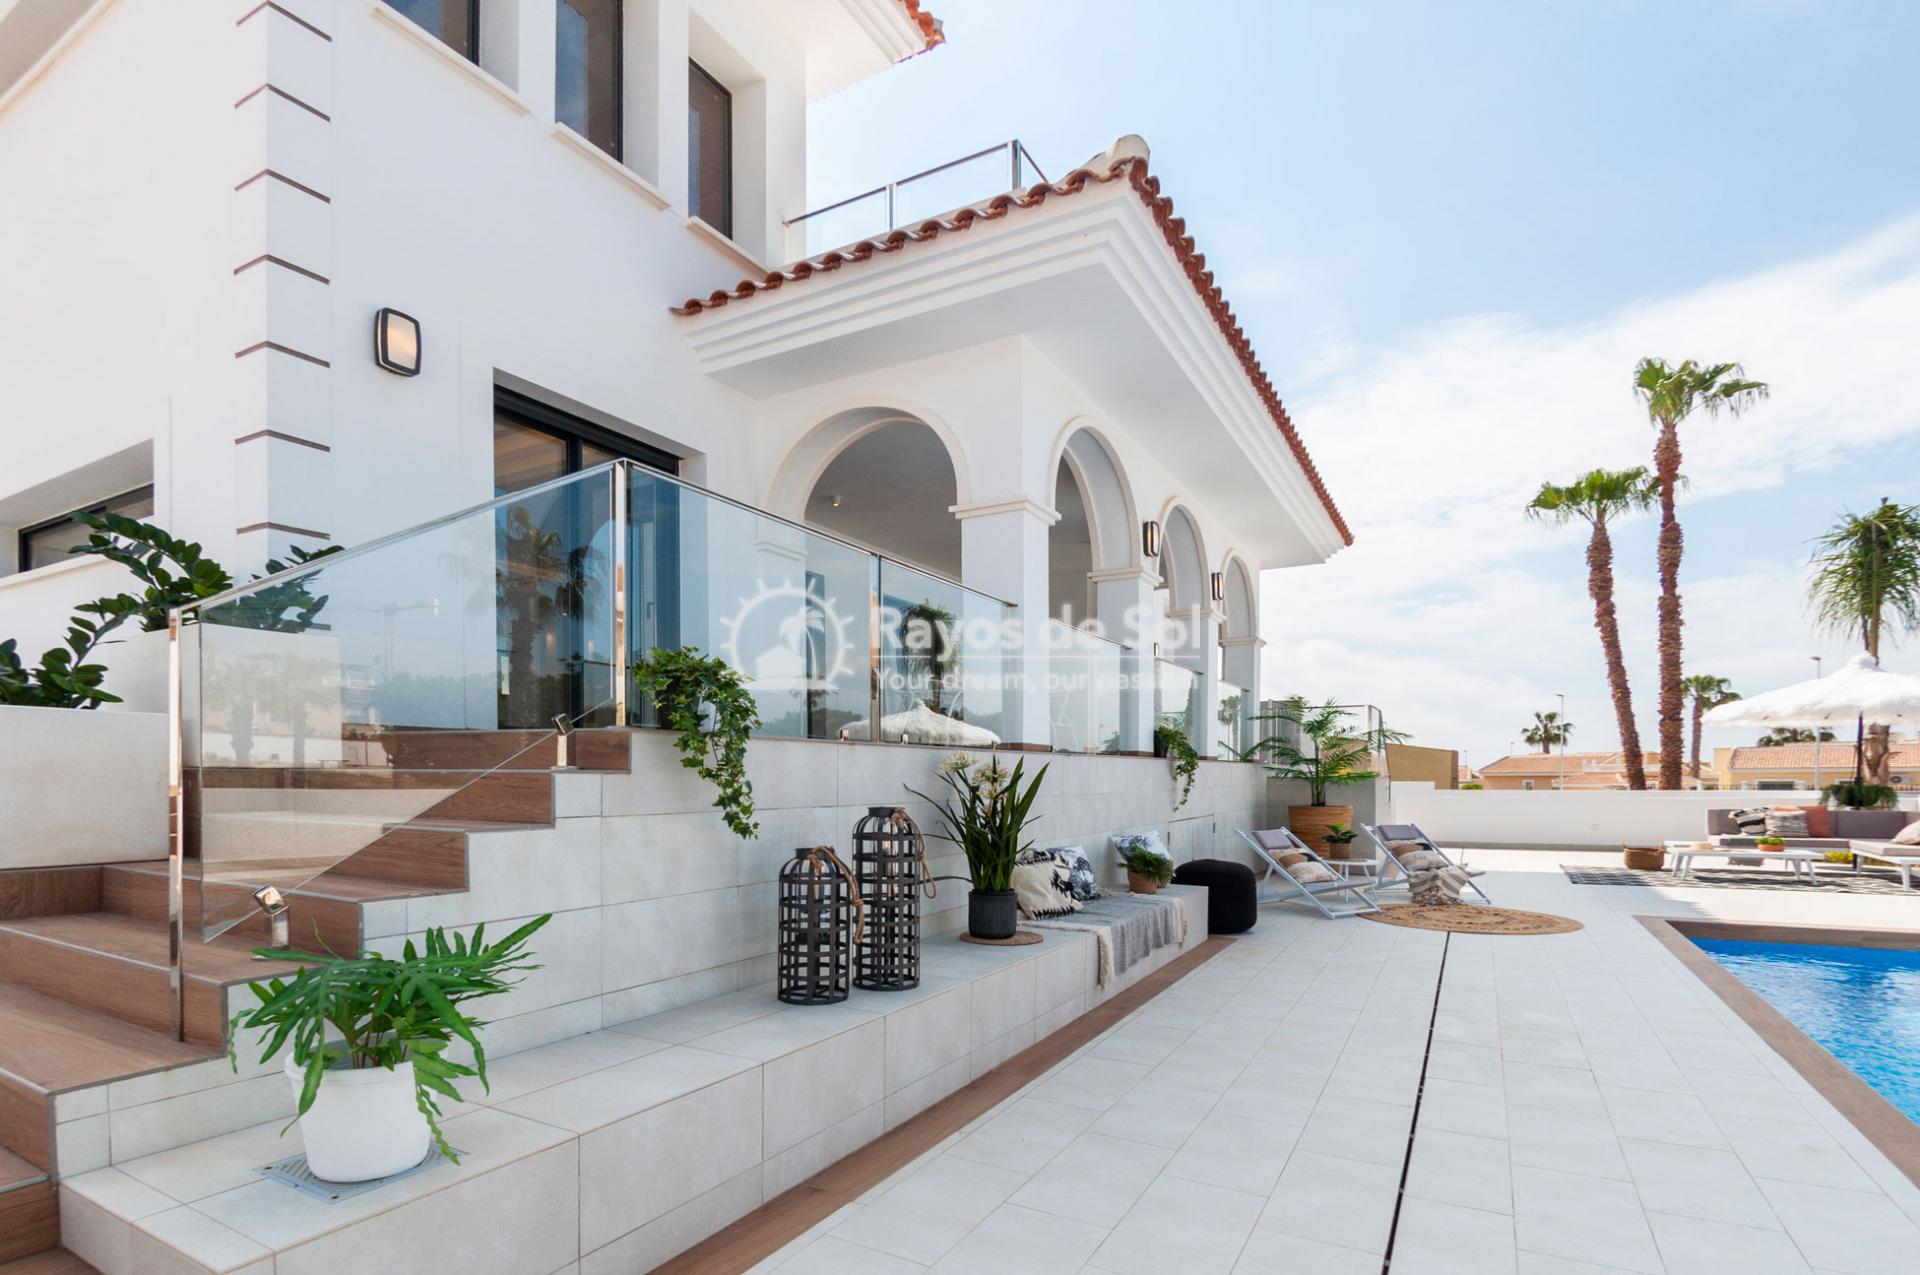 Turnkey newbuild villa  in Doña Pepa, Ciudad Quesada, Costa Blanca (QUEUVOL3-2) - 2